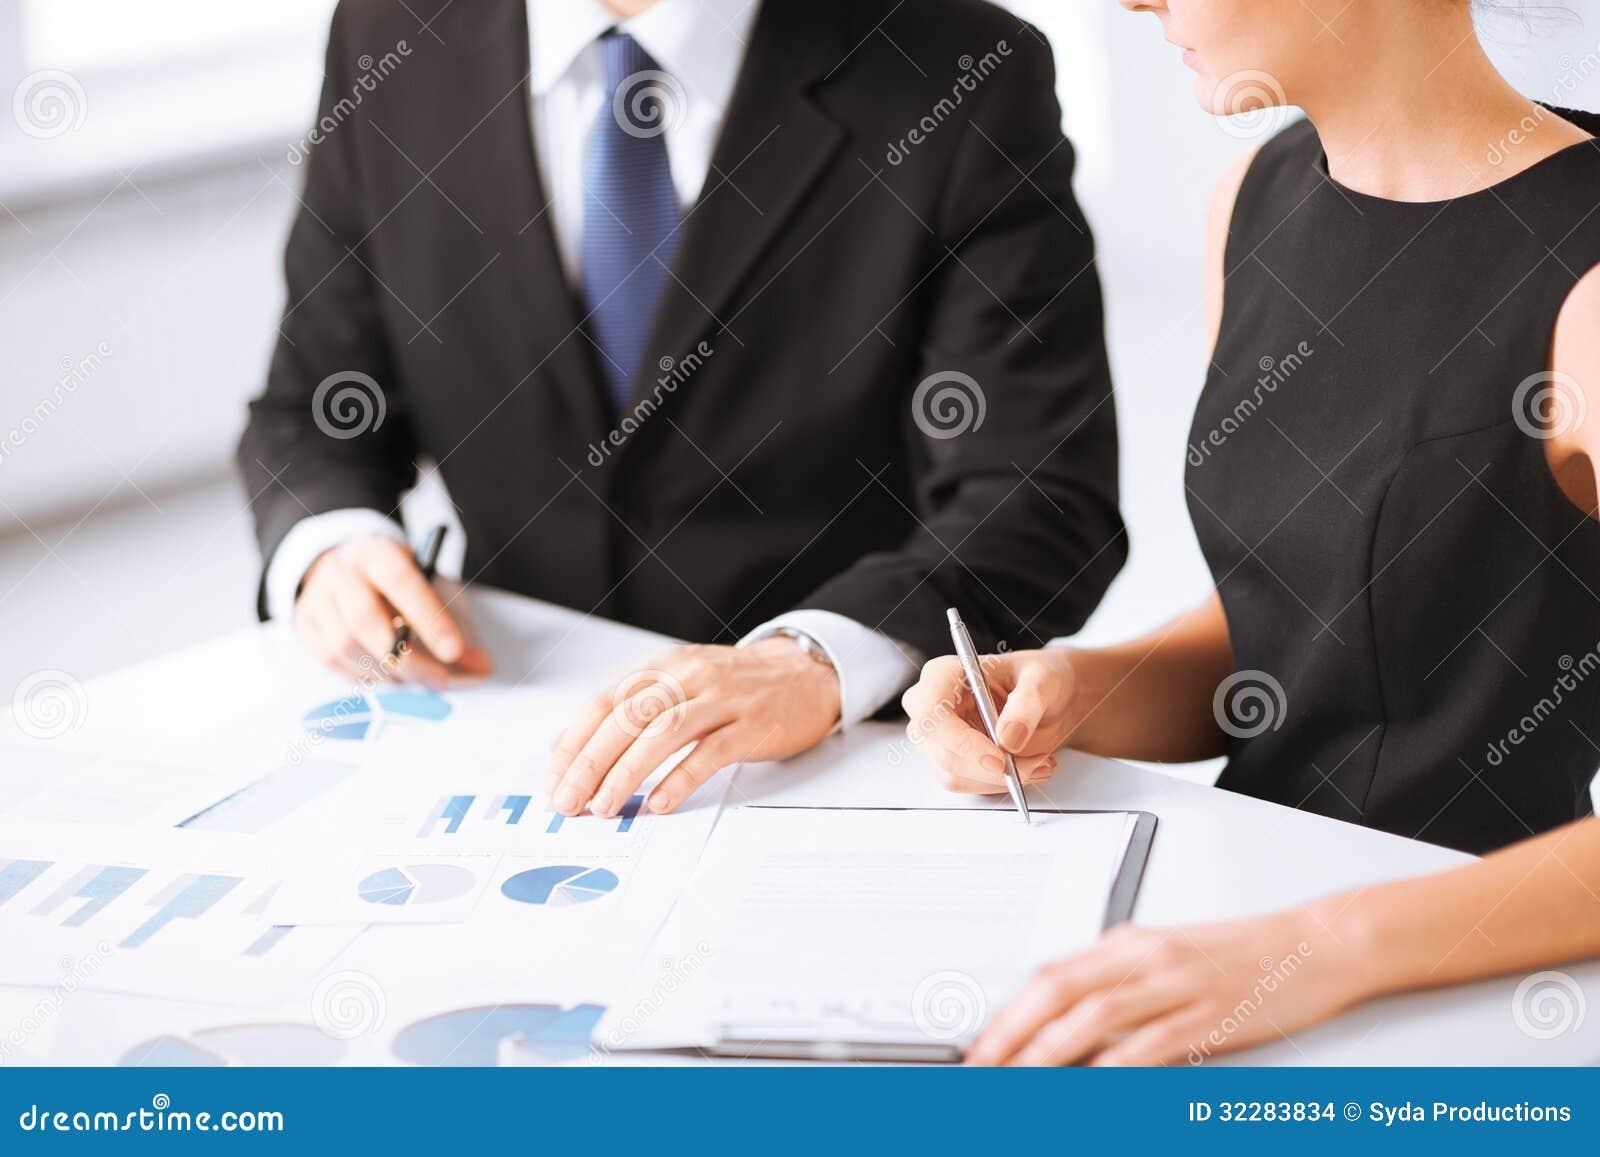 Biznes drużyna na spotkaniu dyskutuje grafika